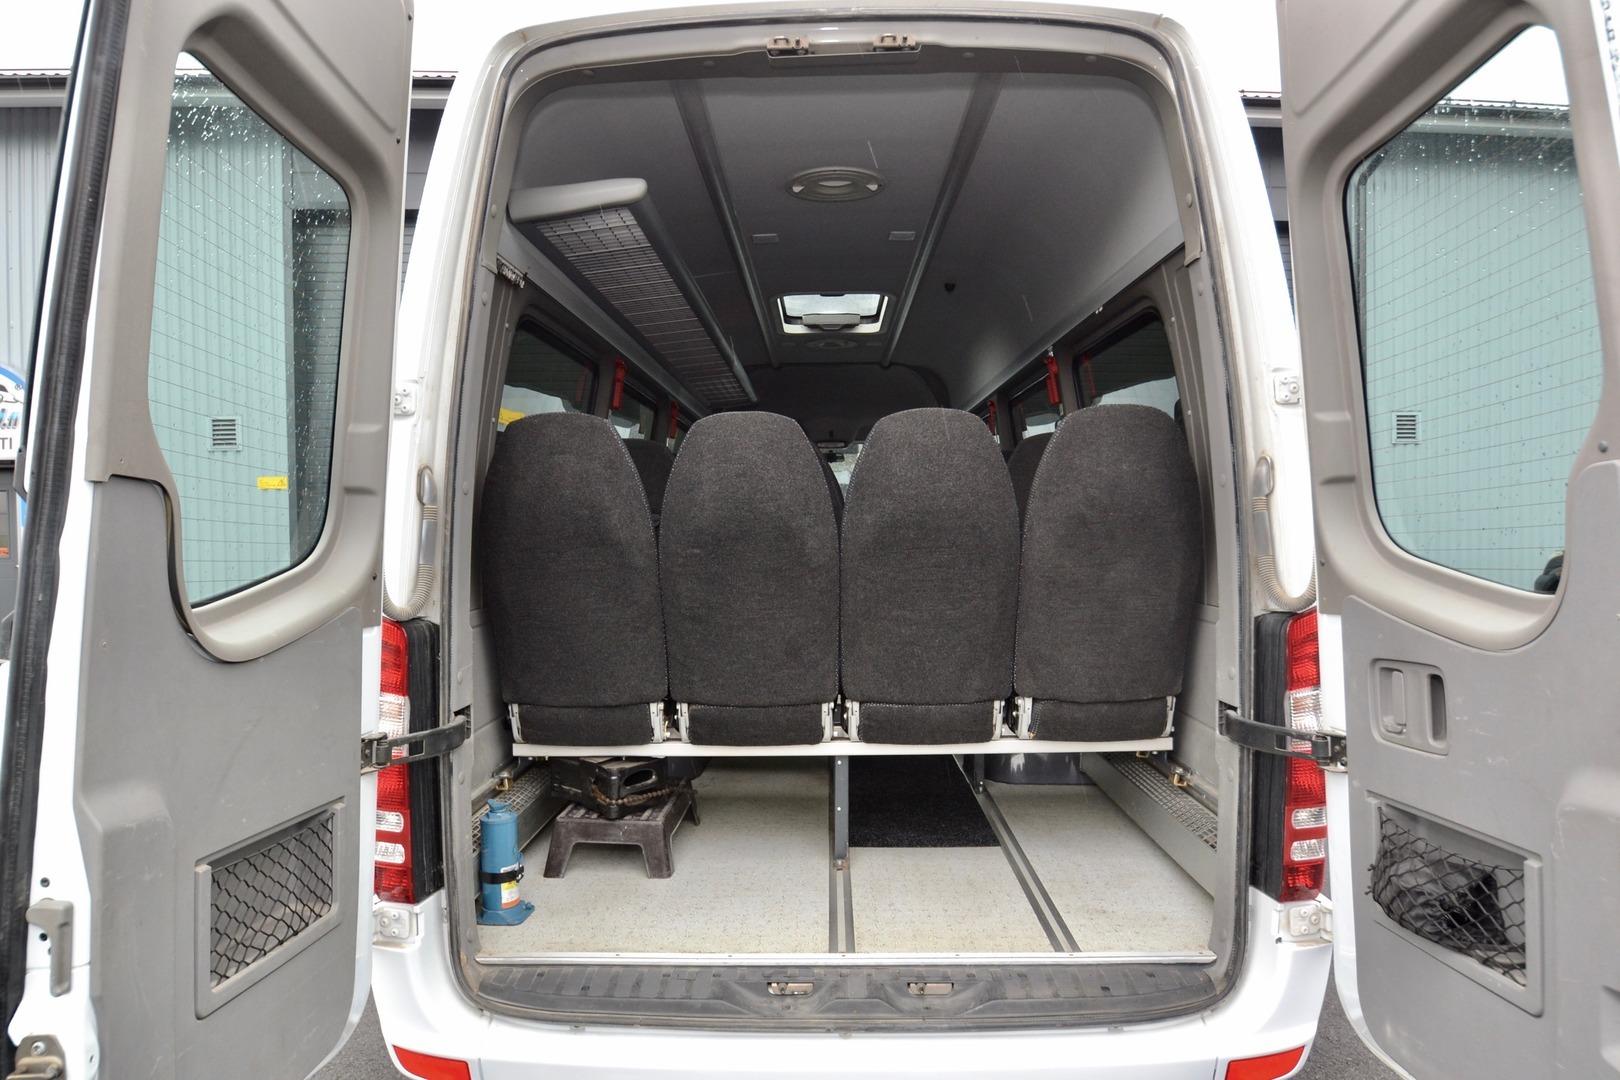 Mercedes-Benz Sprinter 515 CDI, Evobus 17 paikkaa